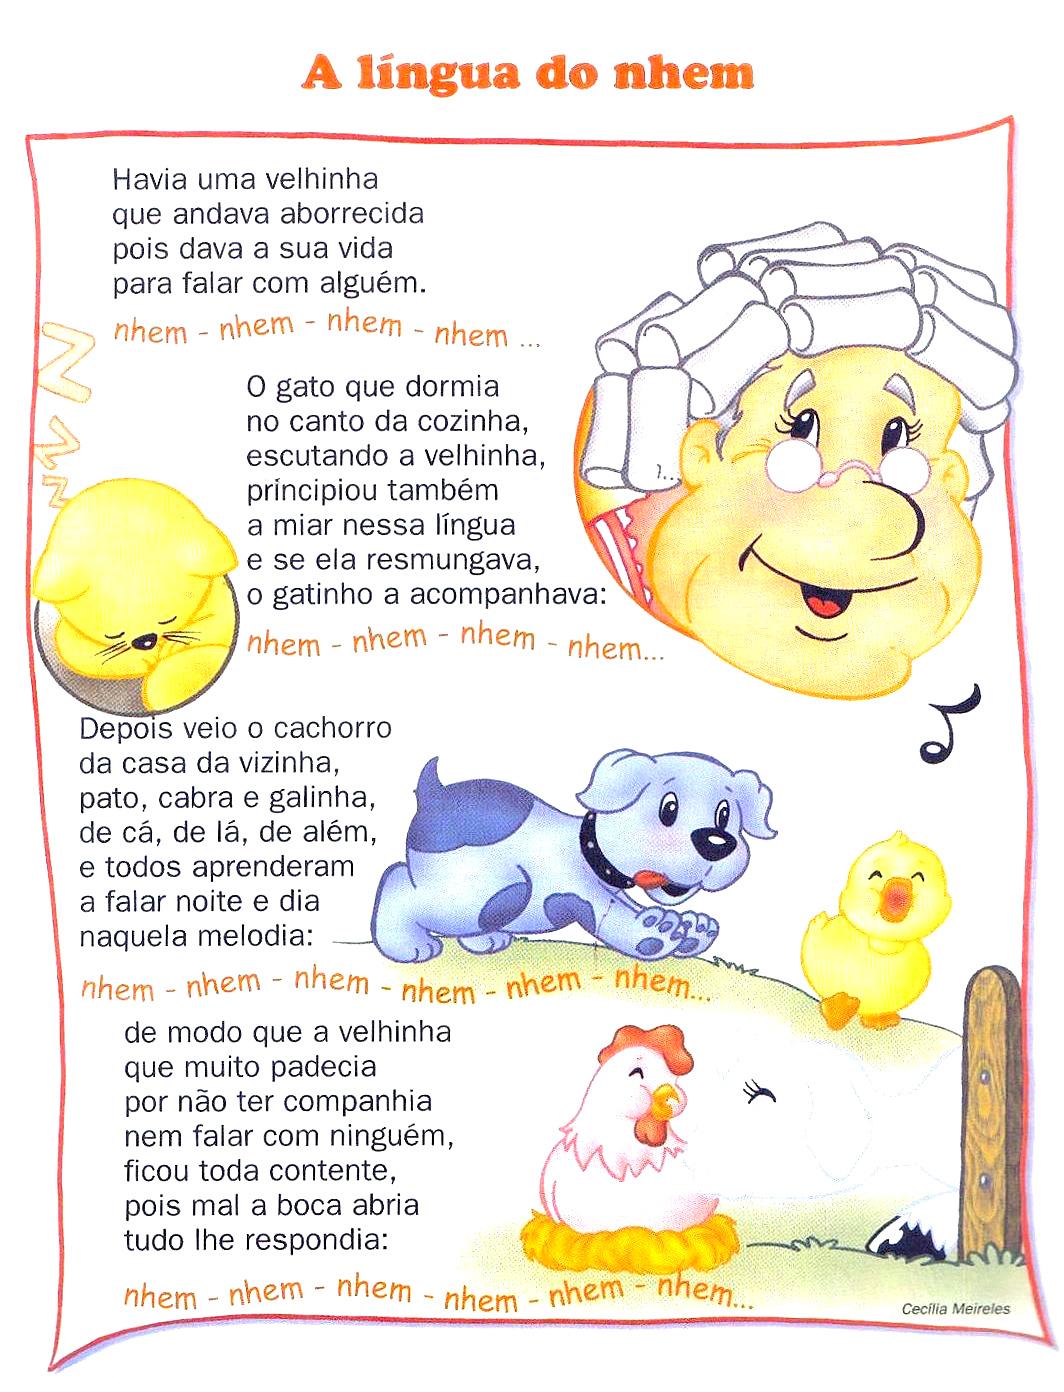 Excepcional O Mundo da Alfabetização: Abril 2012 PS87